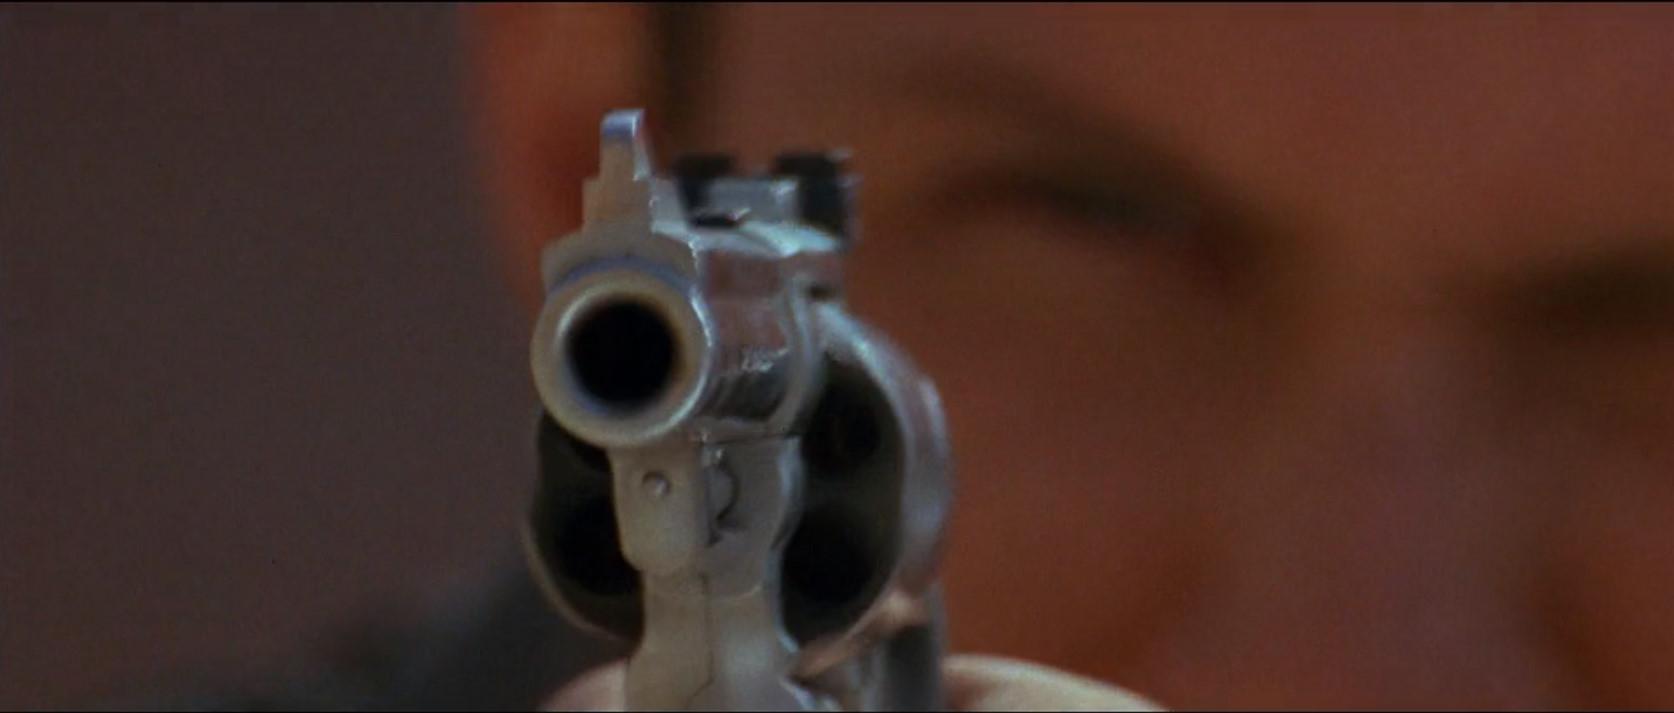 GEORGE WATTERS II PISTOL SHOT 01